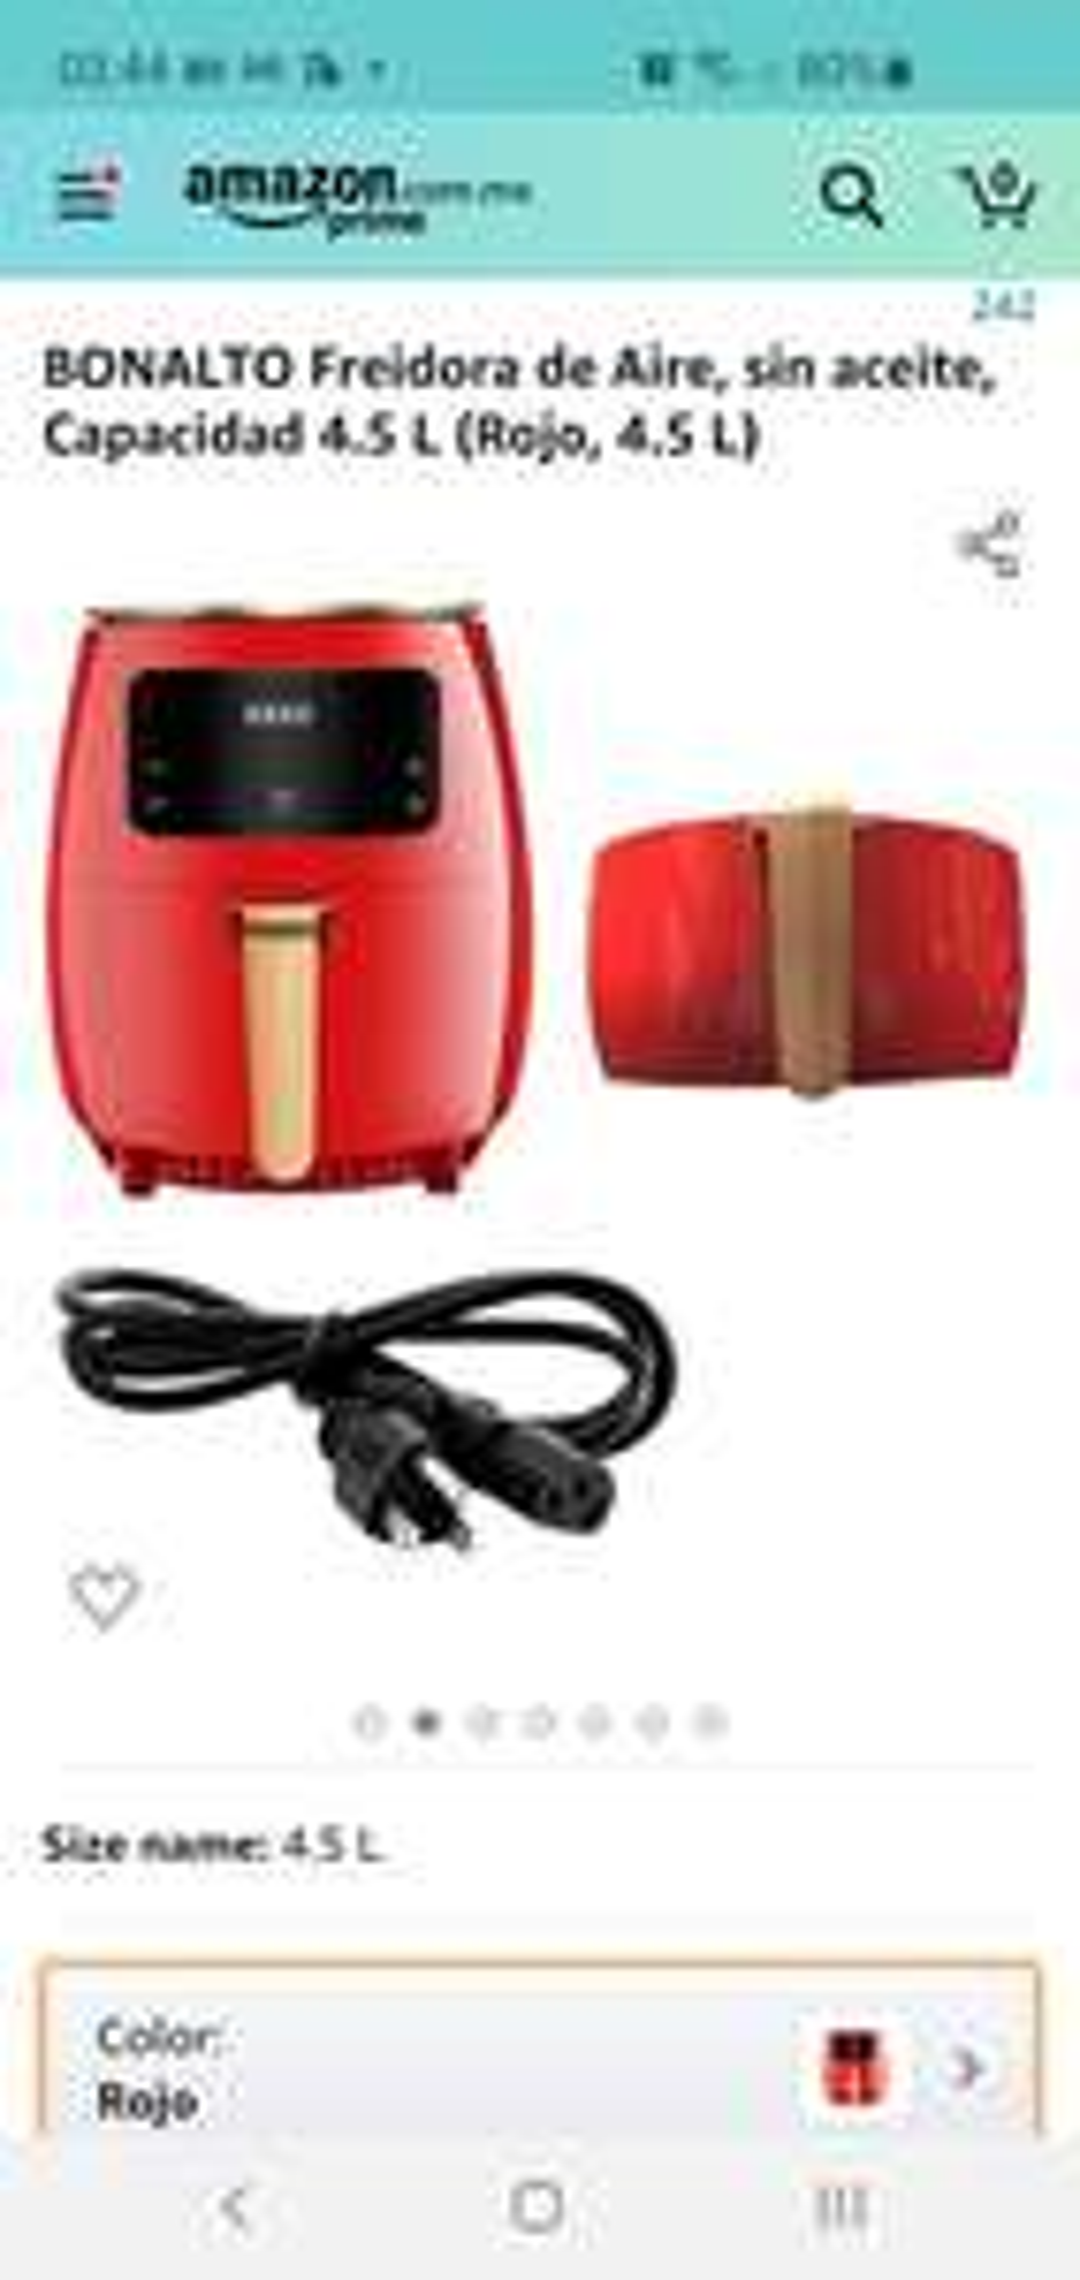 Amazon: BONALTO Freidora de Aire, sin aceite, Capacidad 4.5 L (Rojo, 4.5 L)